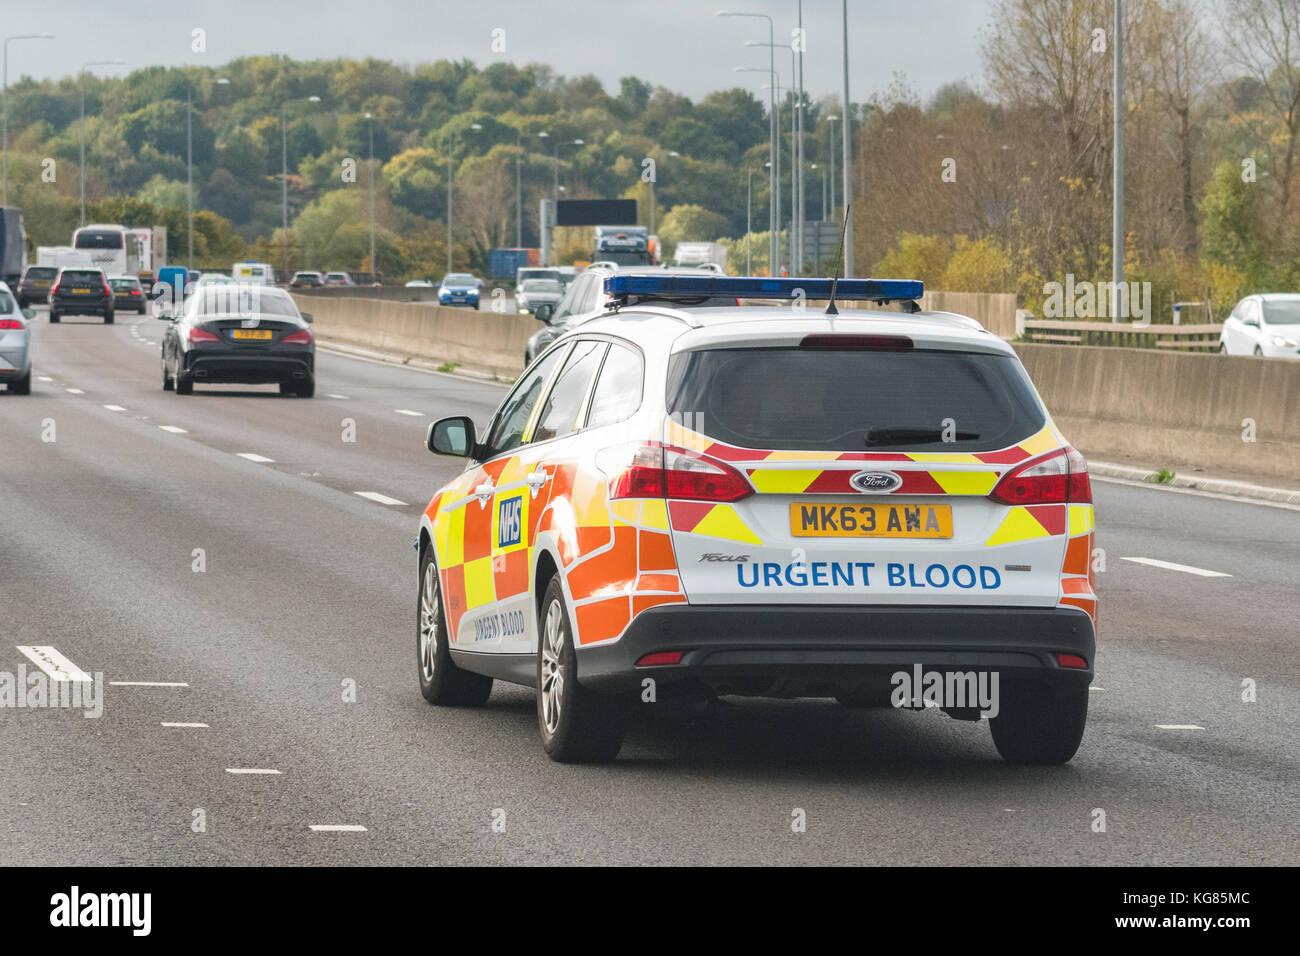 Servicio de transporte de sangre NHS vehículo de emergencia - UK Imagen De Stock